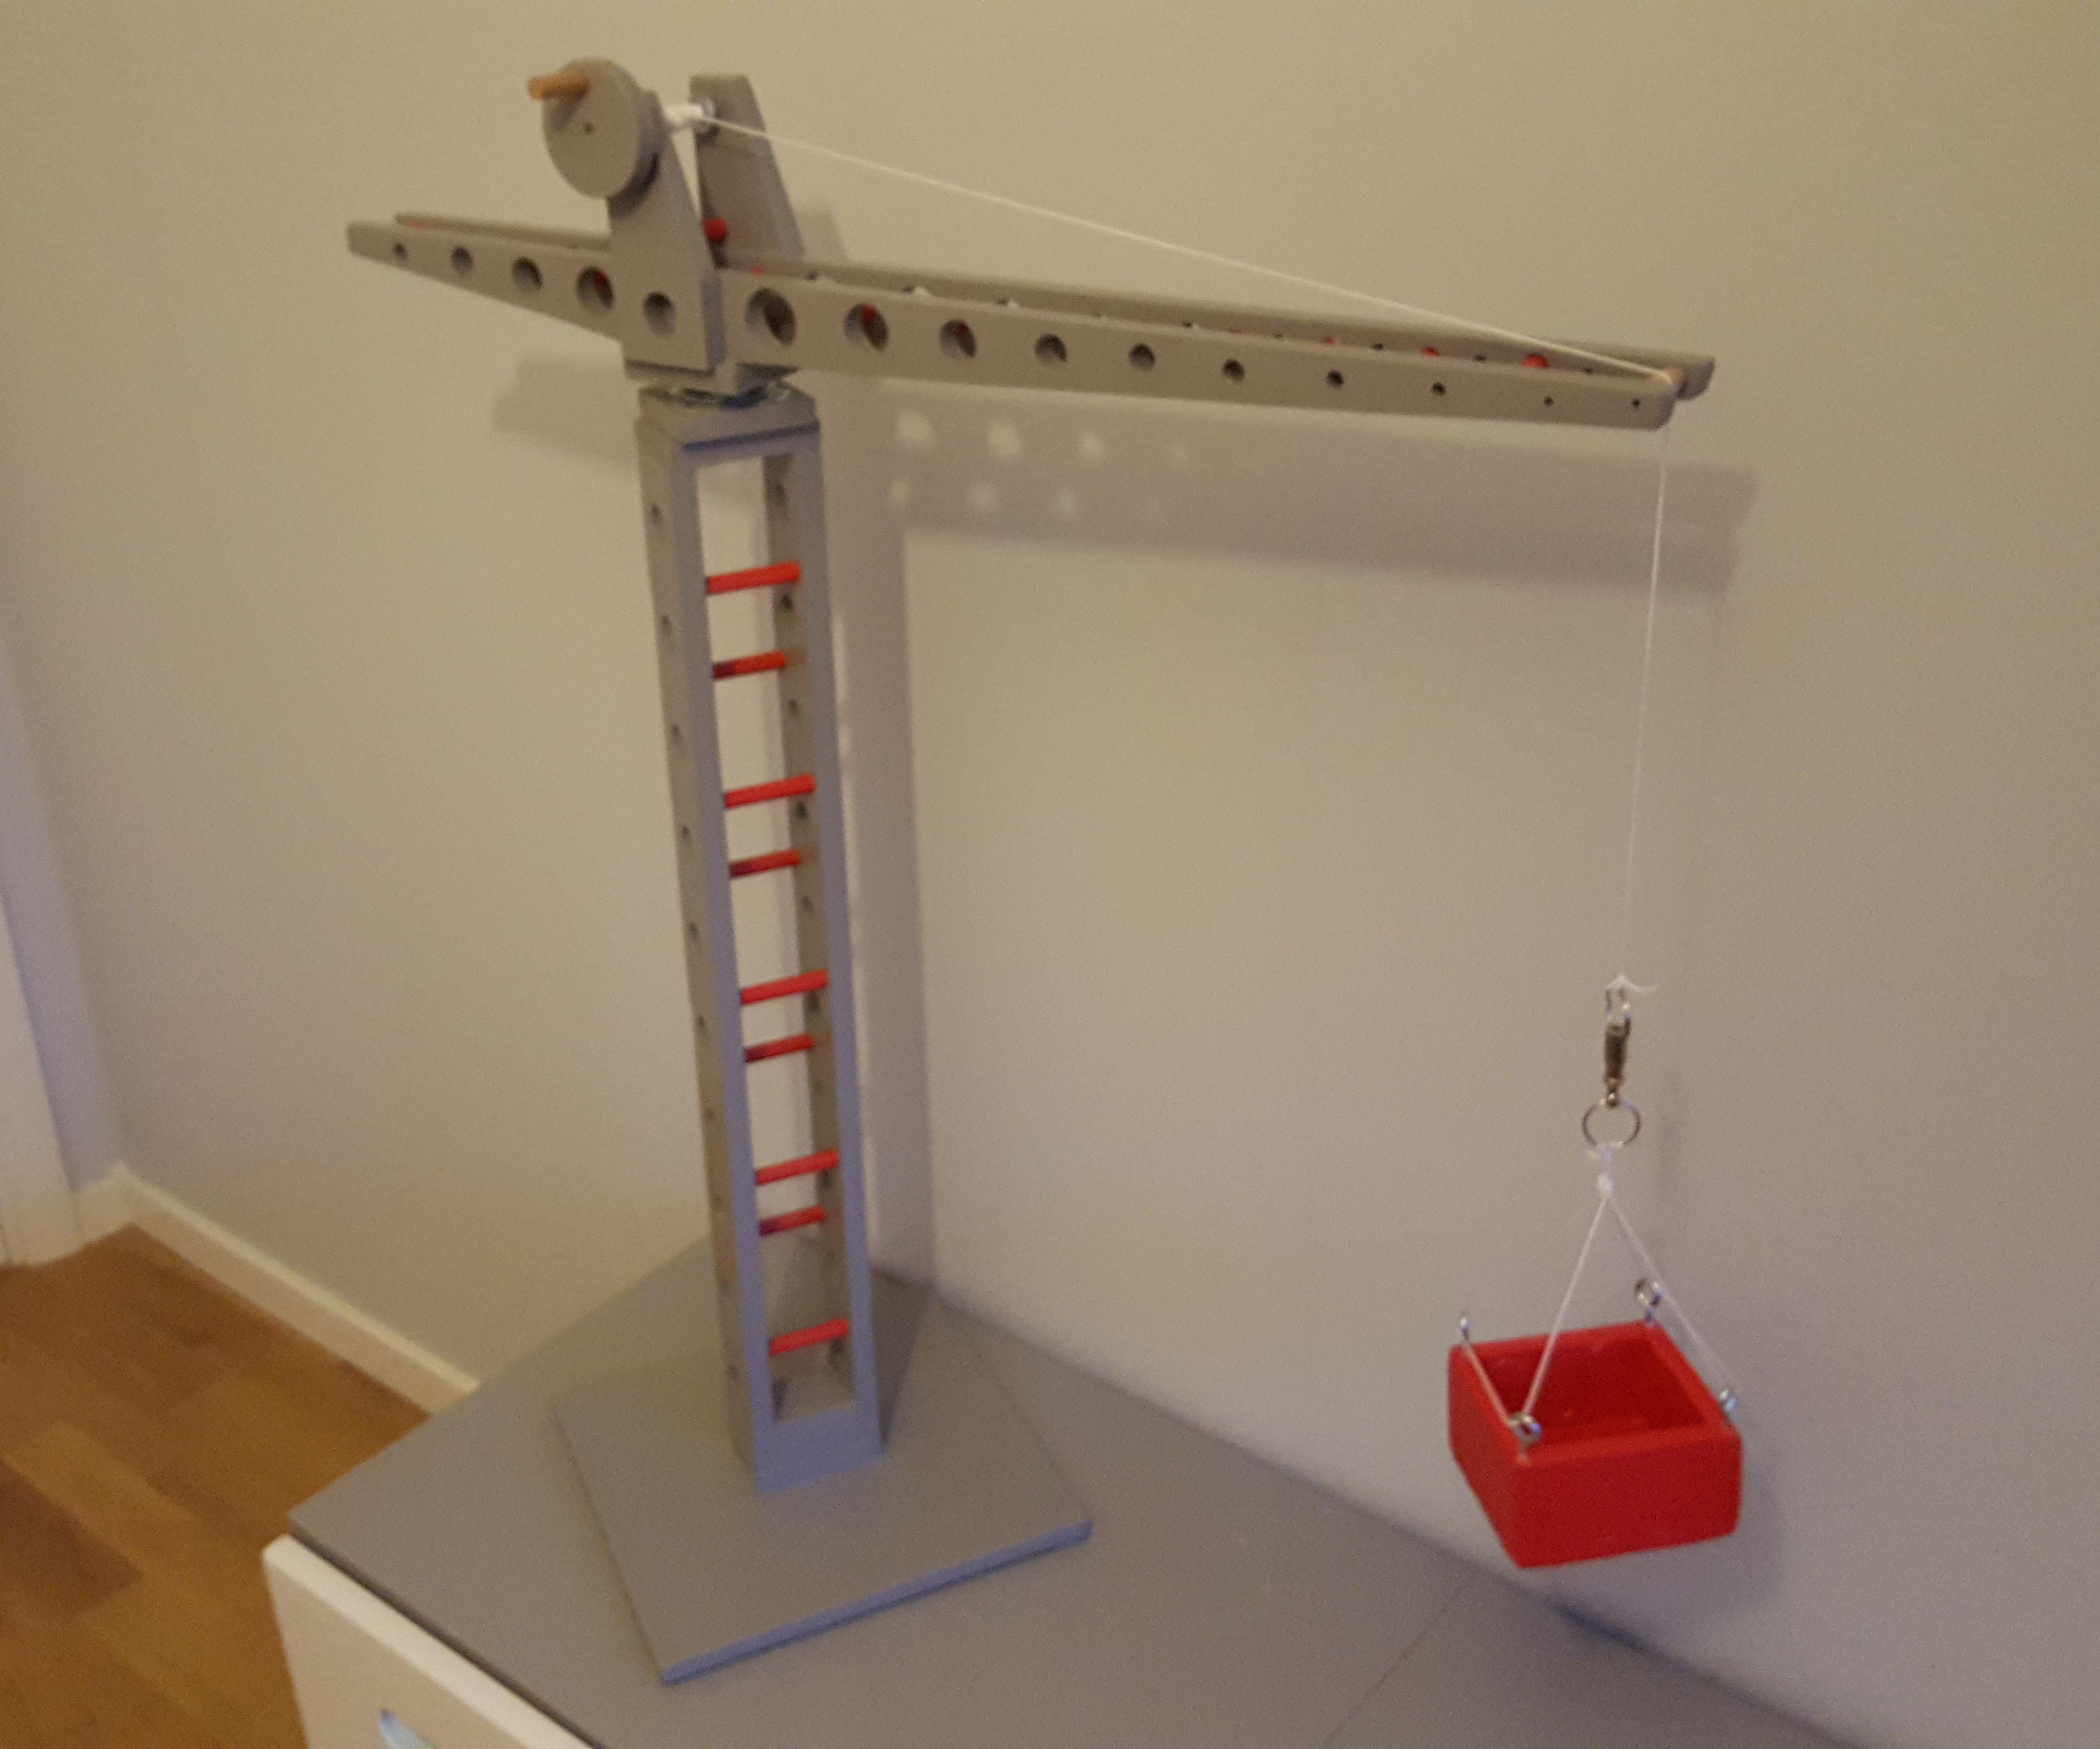 Zacks Toy Crane (with Plans)